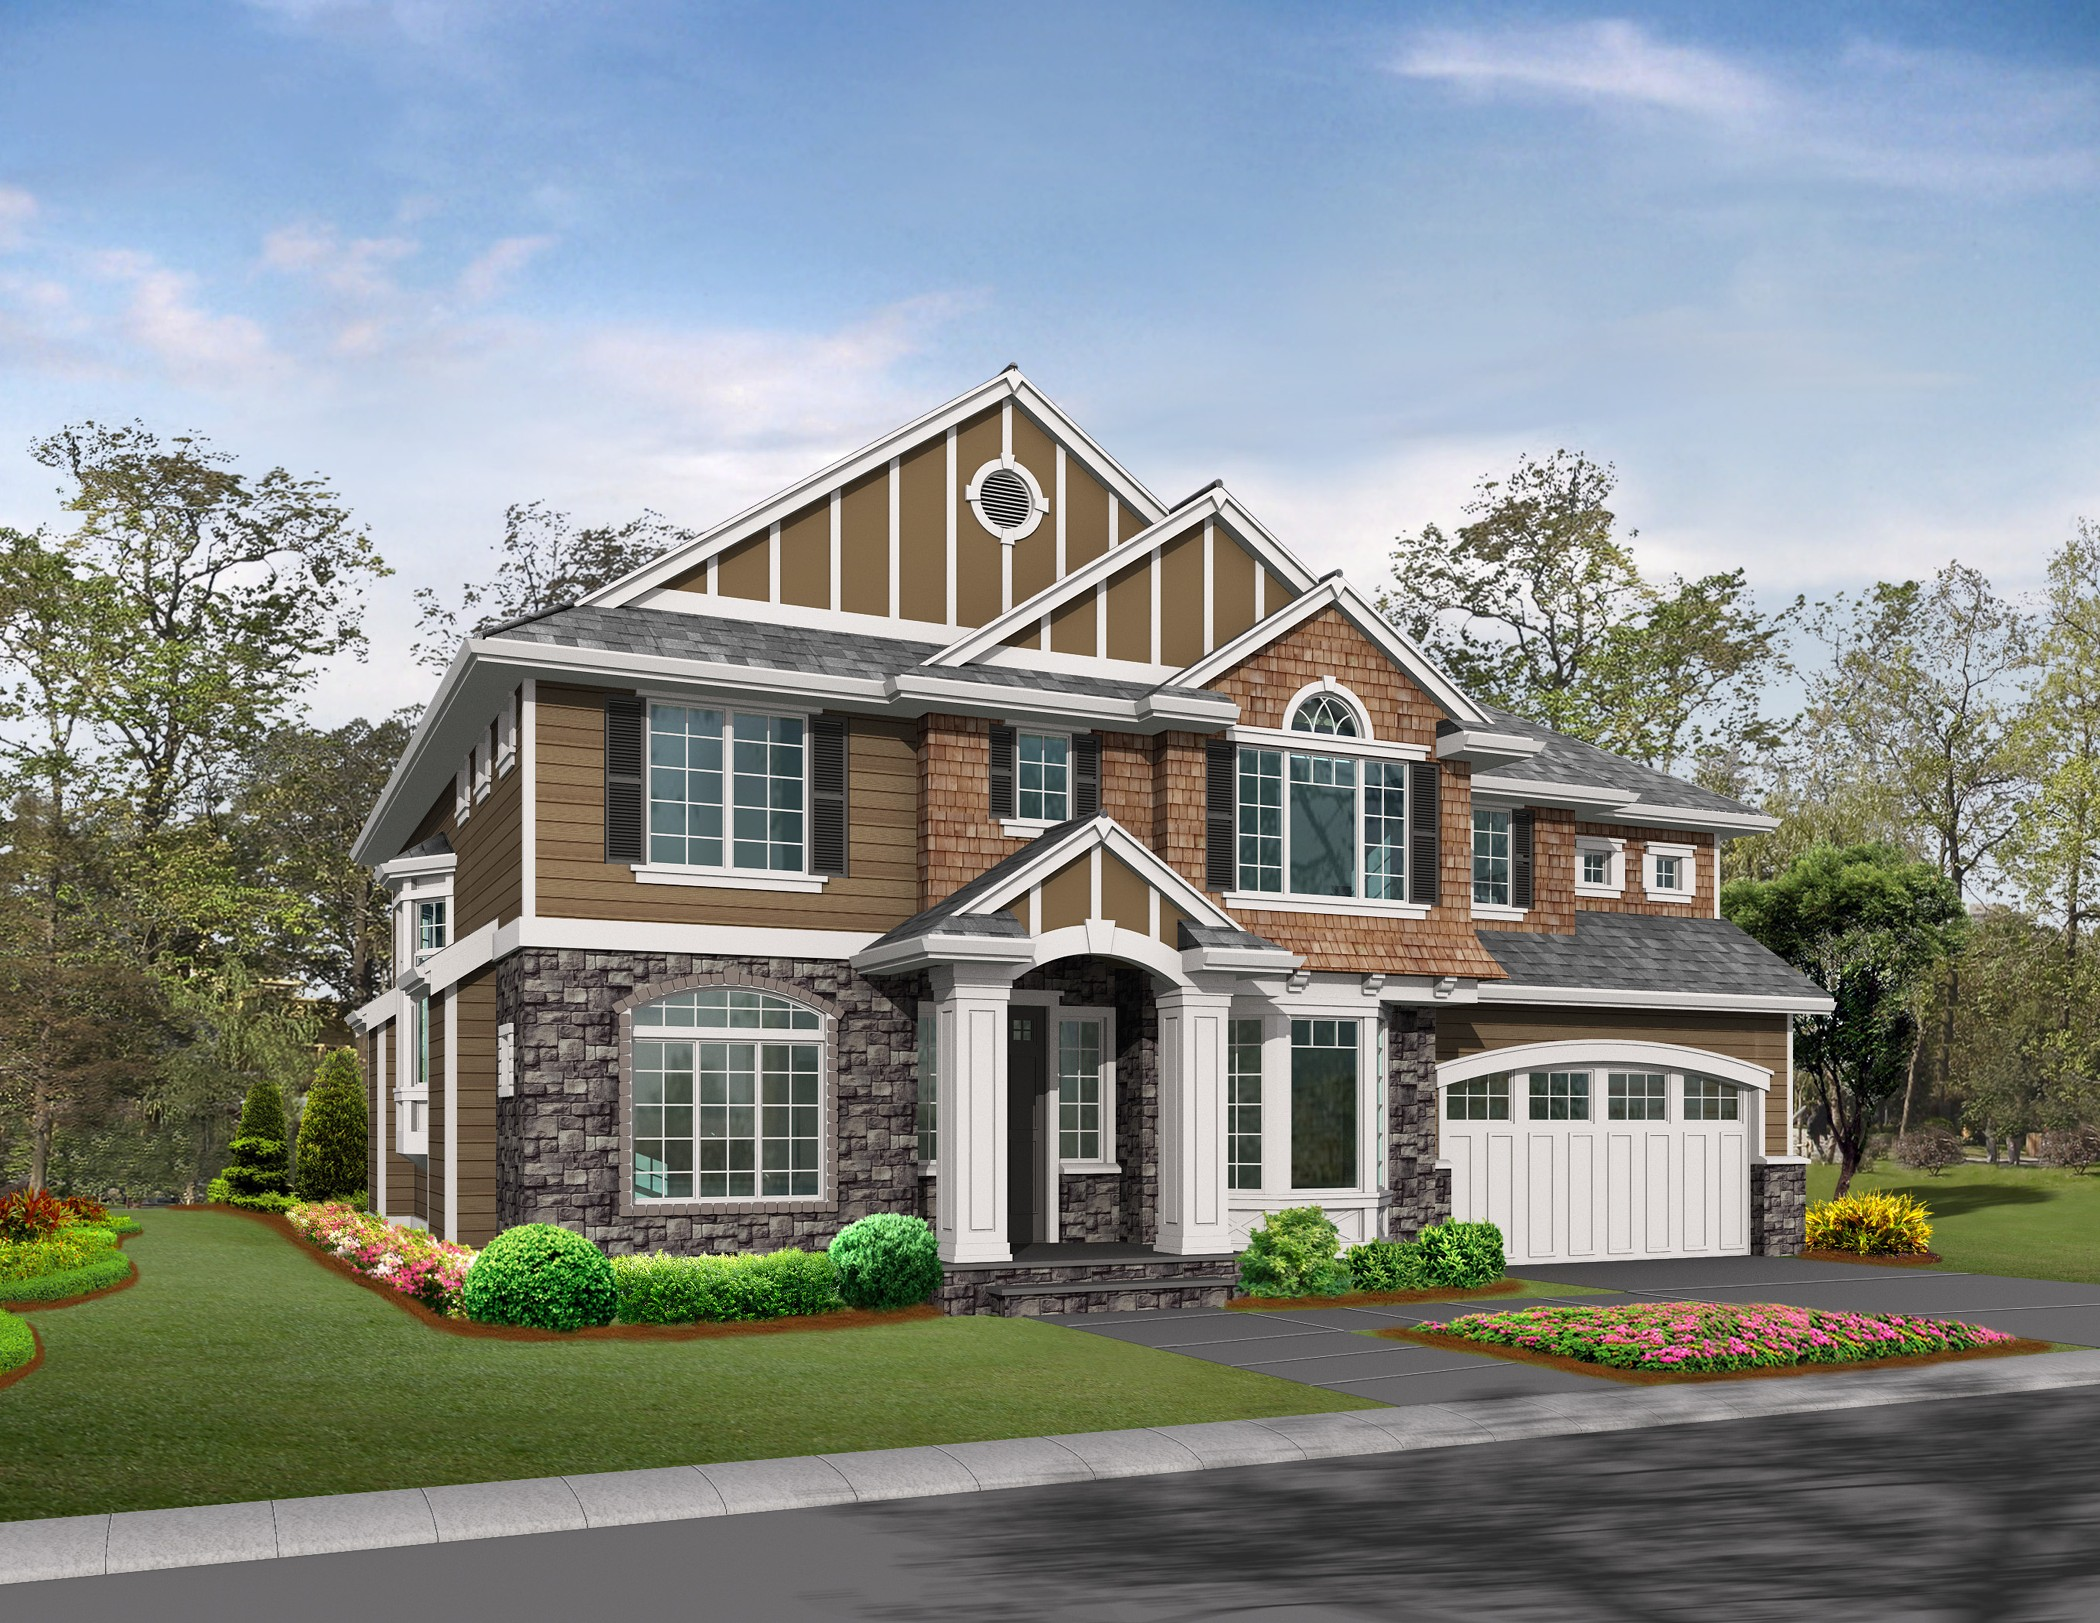 4 car tandem garage 2369jd architectural designs for 4 car tandem garage house plans